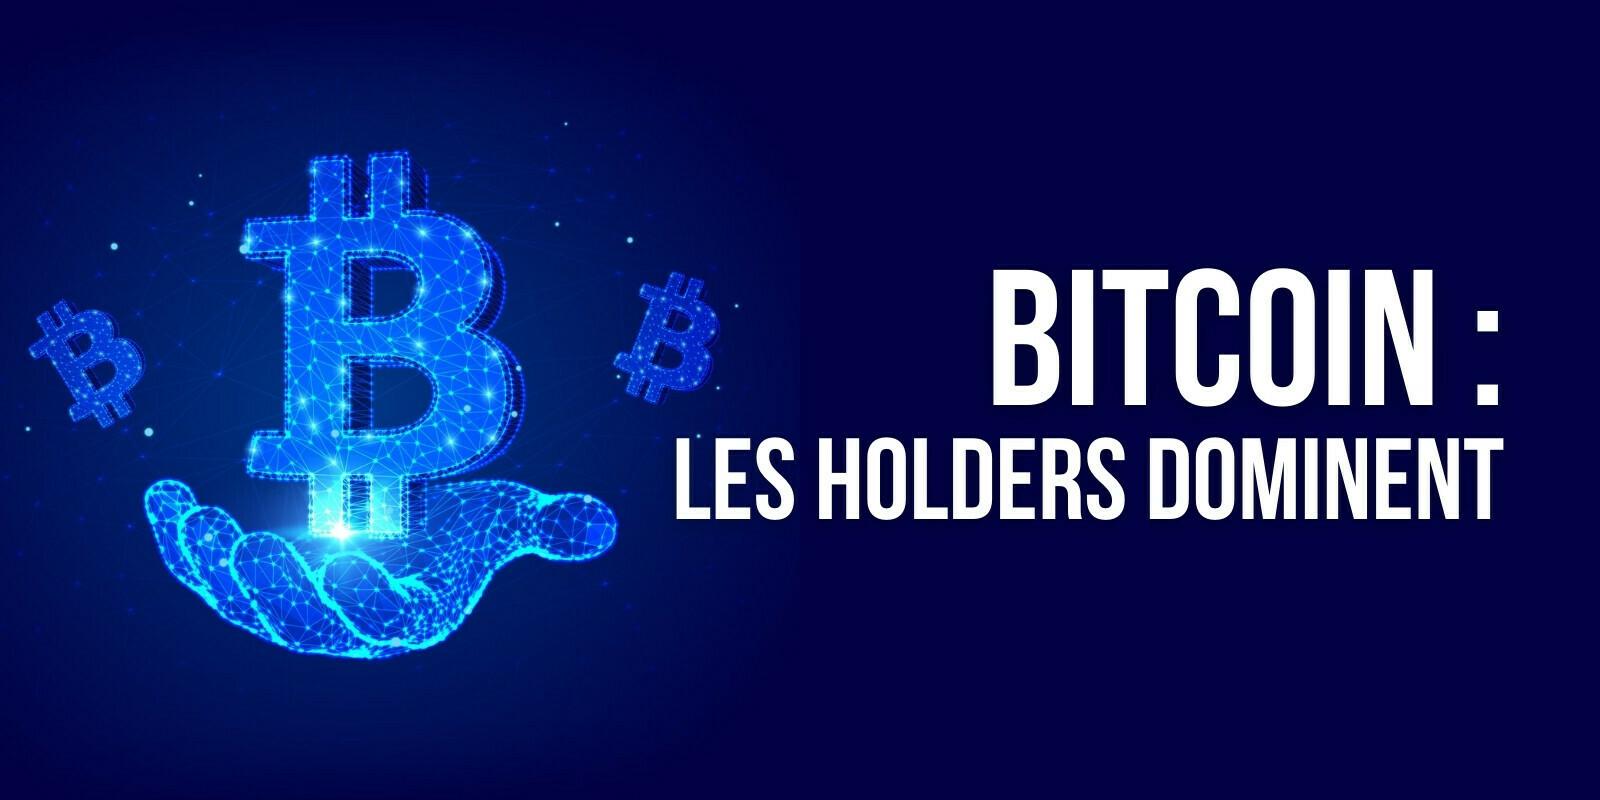 80% de tout le Bitcoin (BTC) serait désormais détenu par des holders sur le long terme